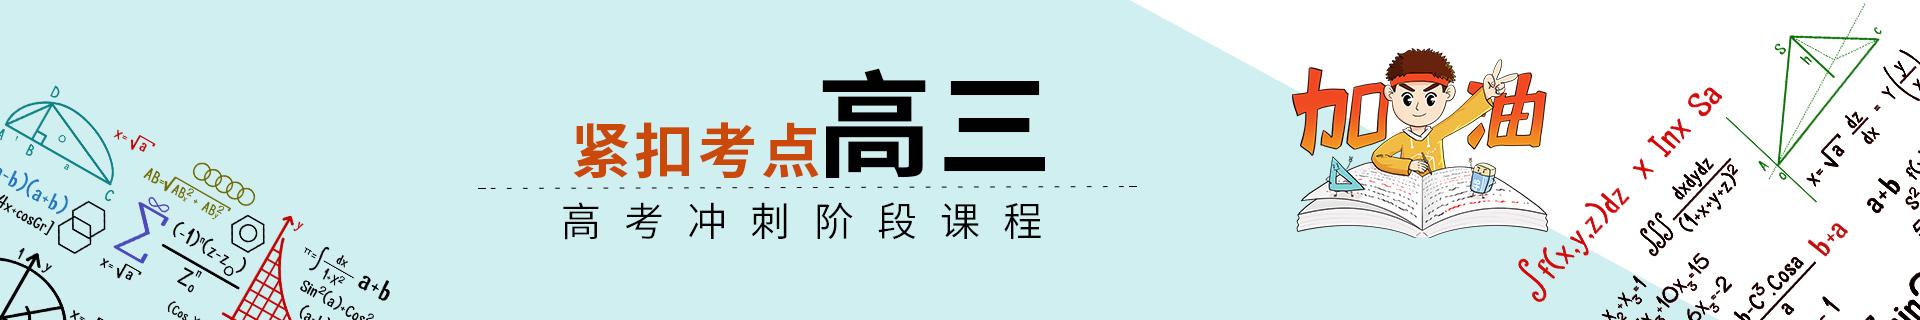 杭州富阳区秦学中小学辅导